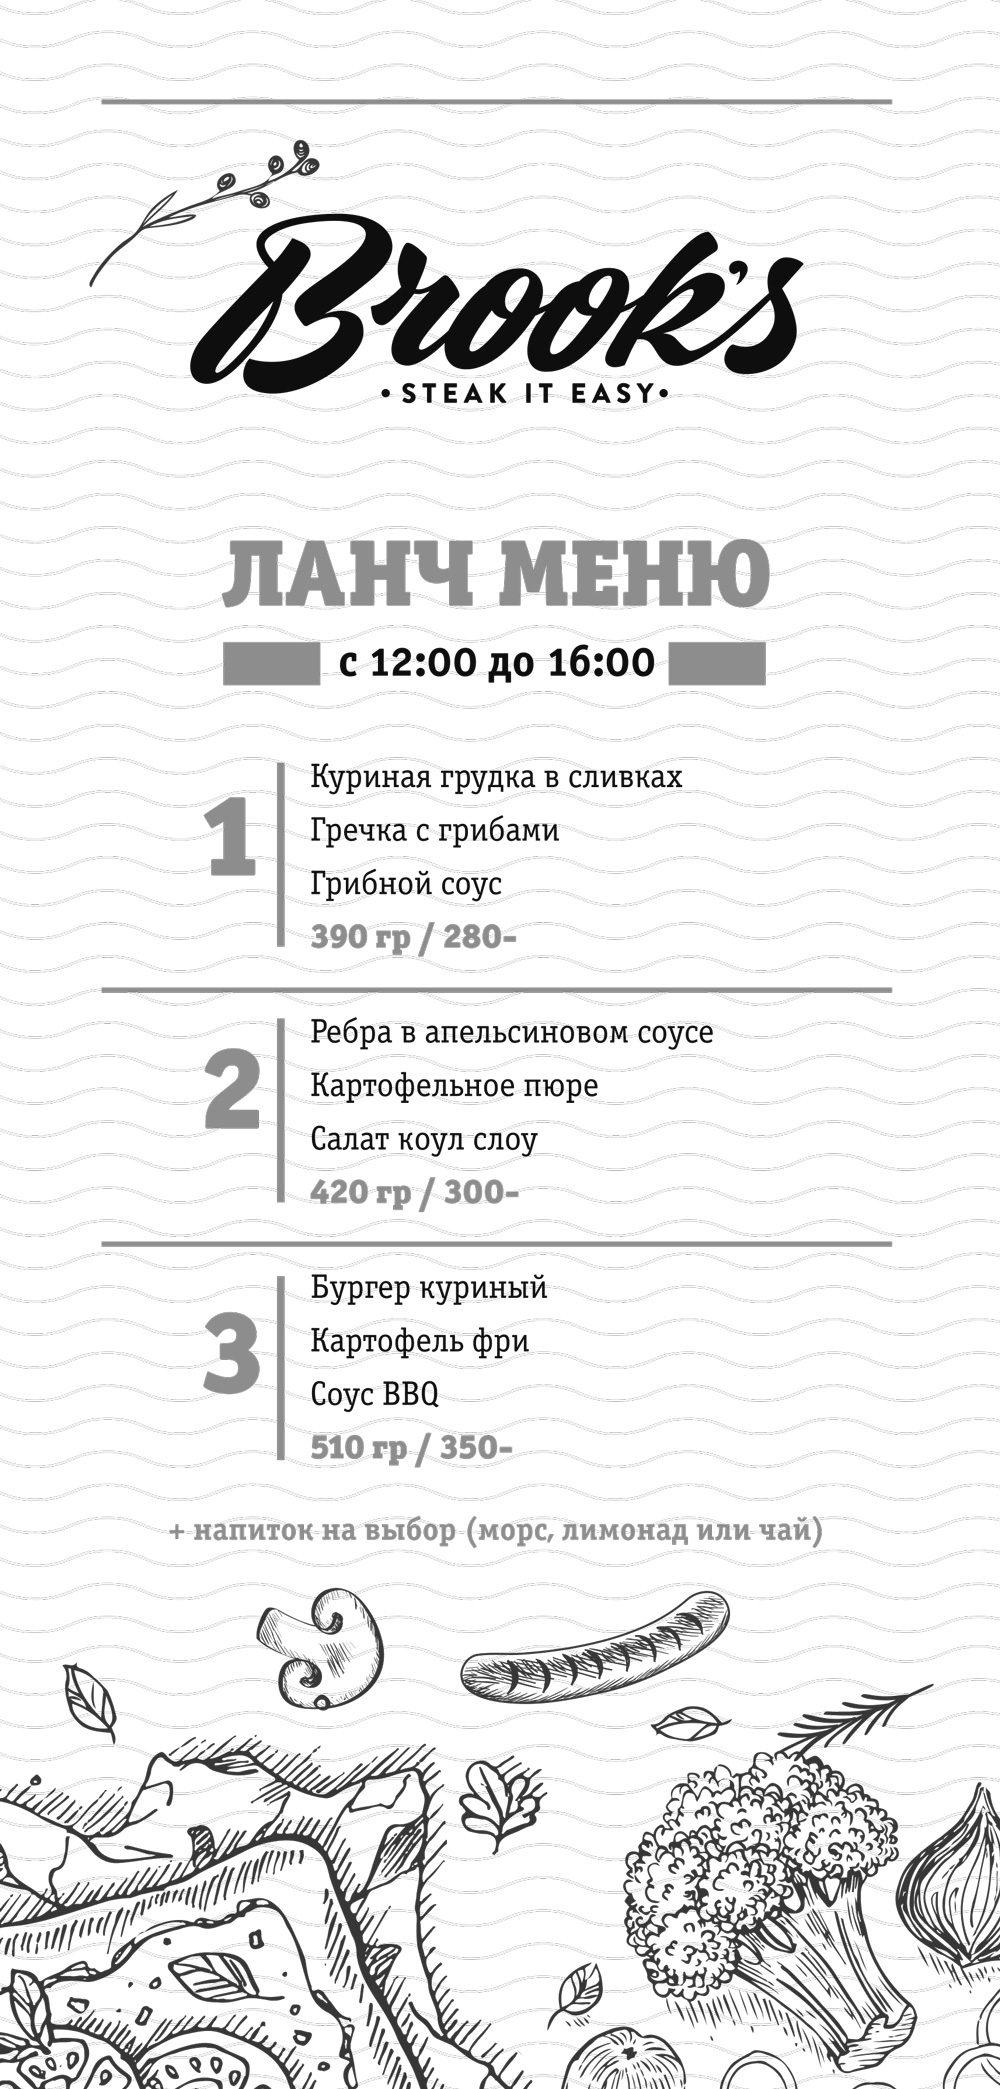 Ланч меню